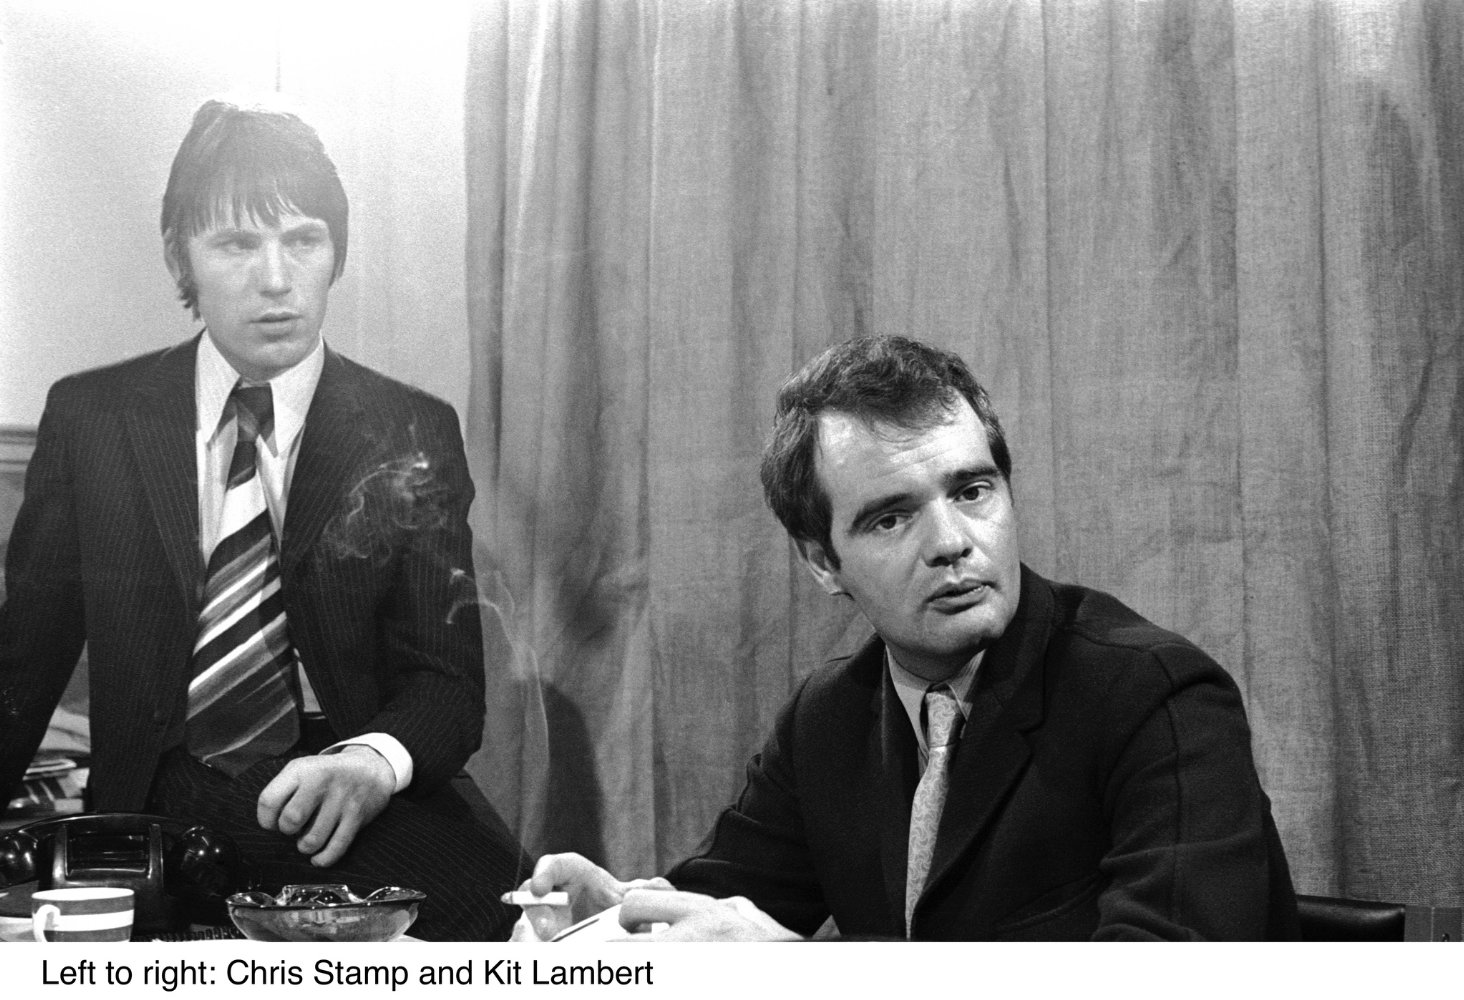 Lambert and Stamp